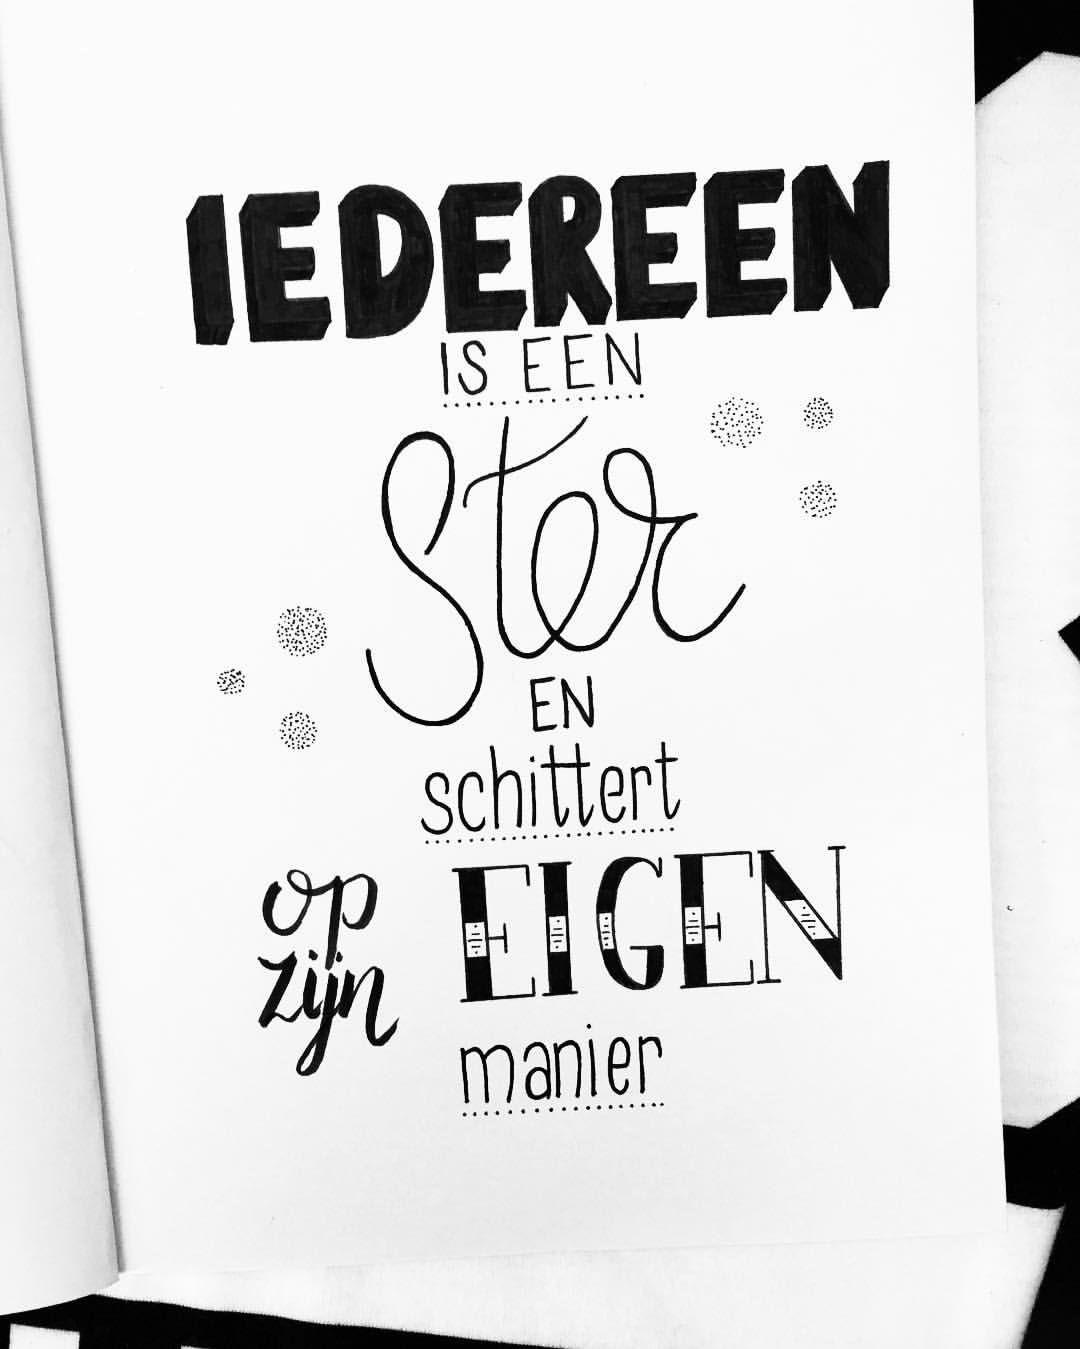 spreuken over sterren 77 vind ik leuks, 3 reacties   Claire van den Berg (@lettersbyberg  spreuken over sterren